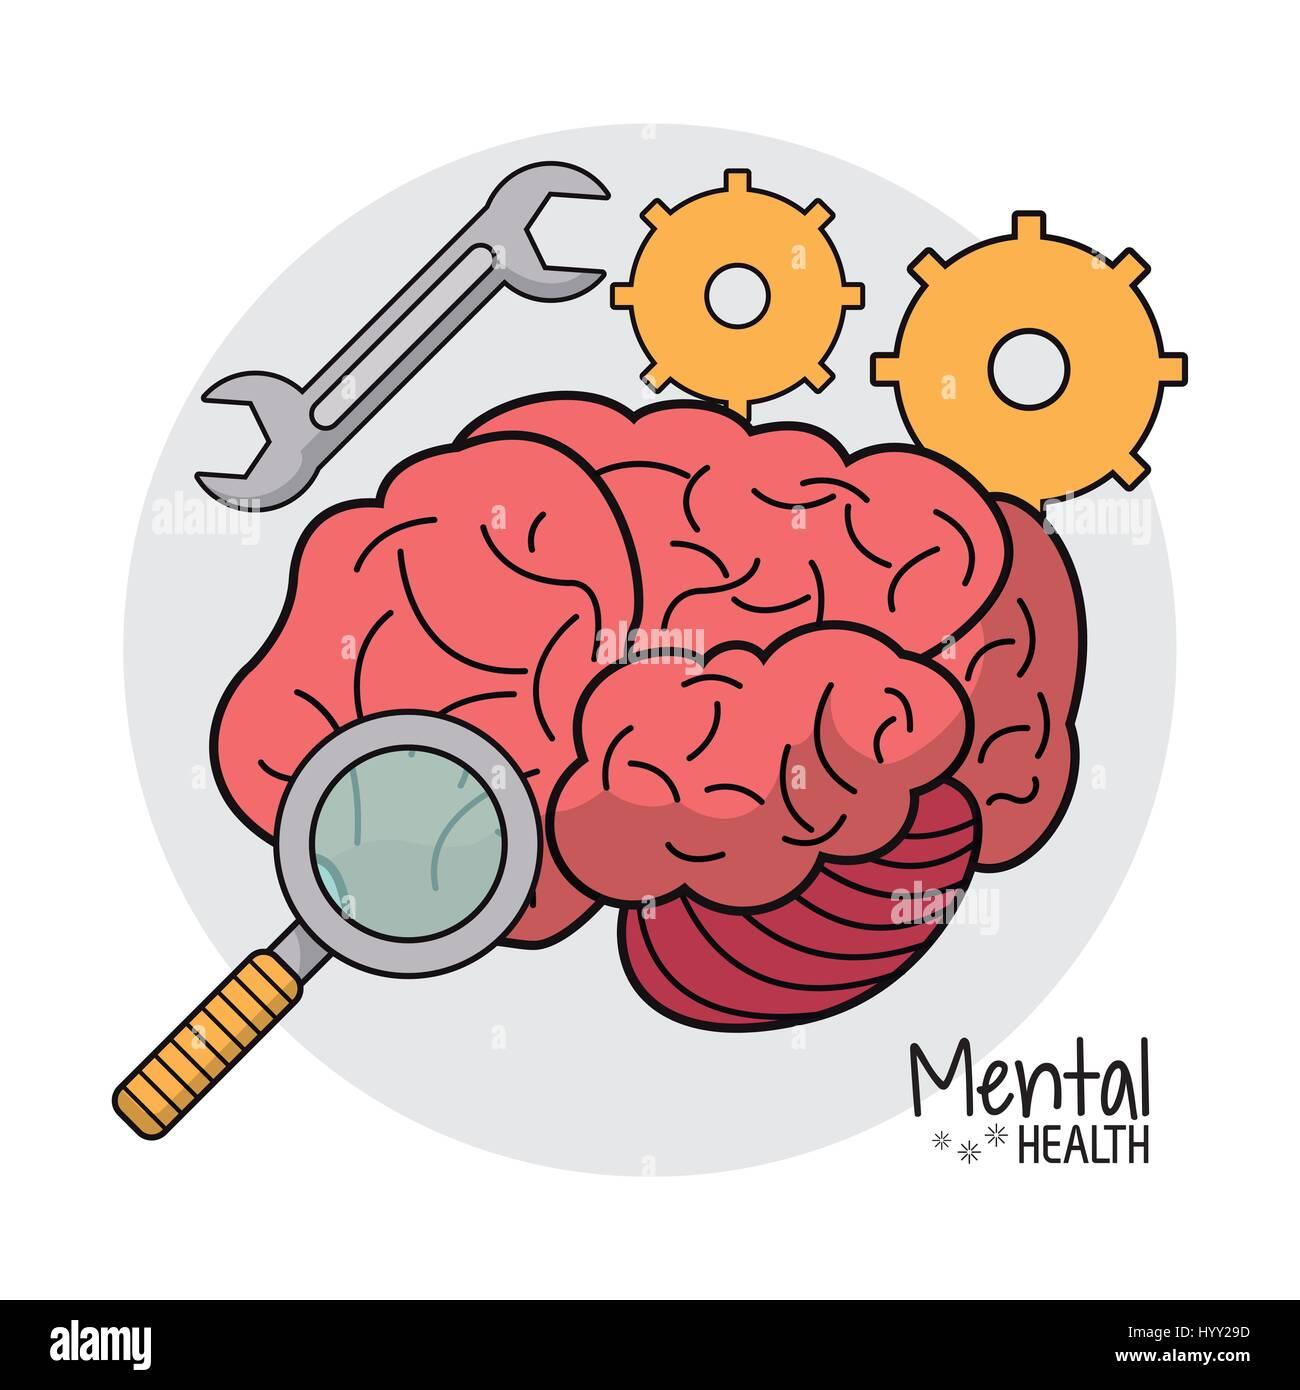 La salute mentale marcia Ricerca immagine Immagini Stock